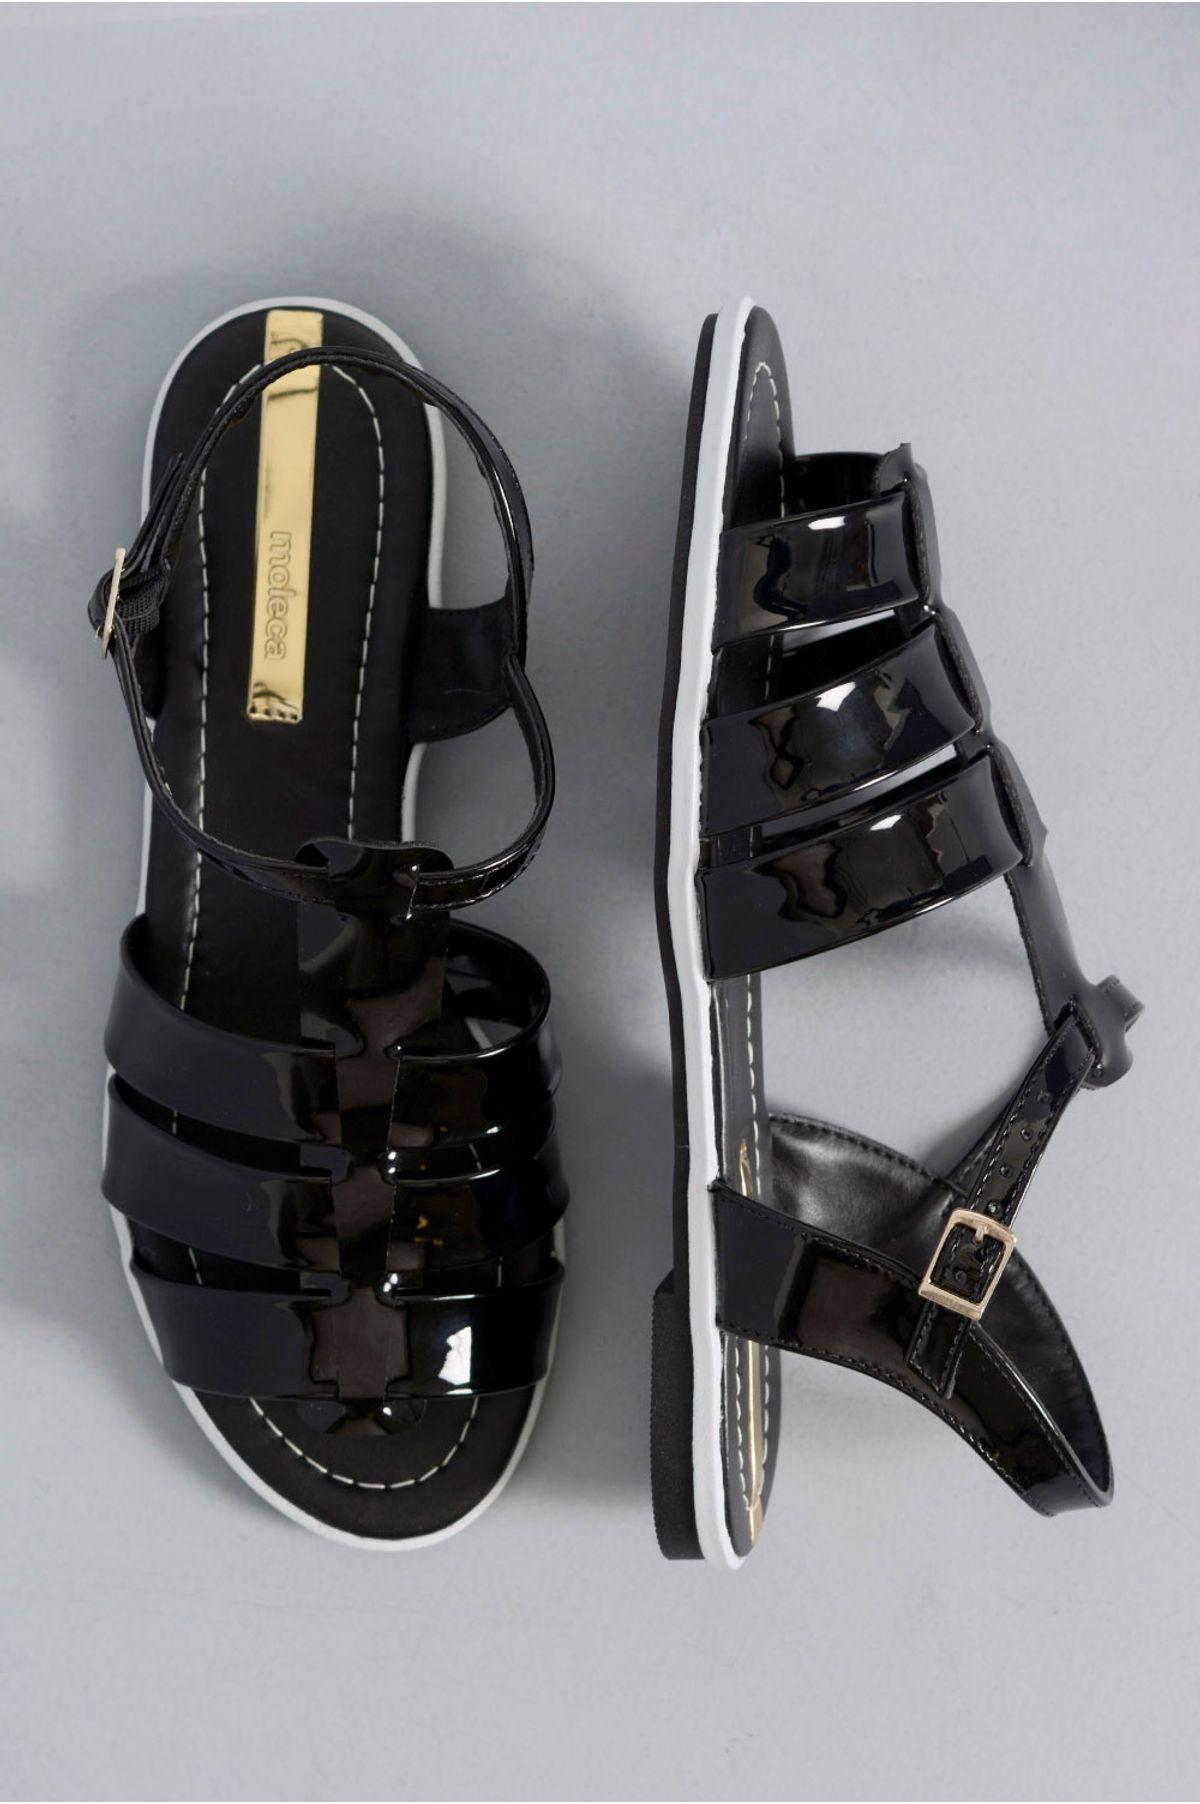 fb0c8fdc7 Sandália Feminina Rasteira Clare Moleca VERNIZ PRETO - Mundial Calçados